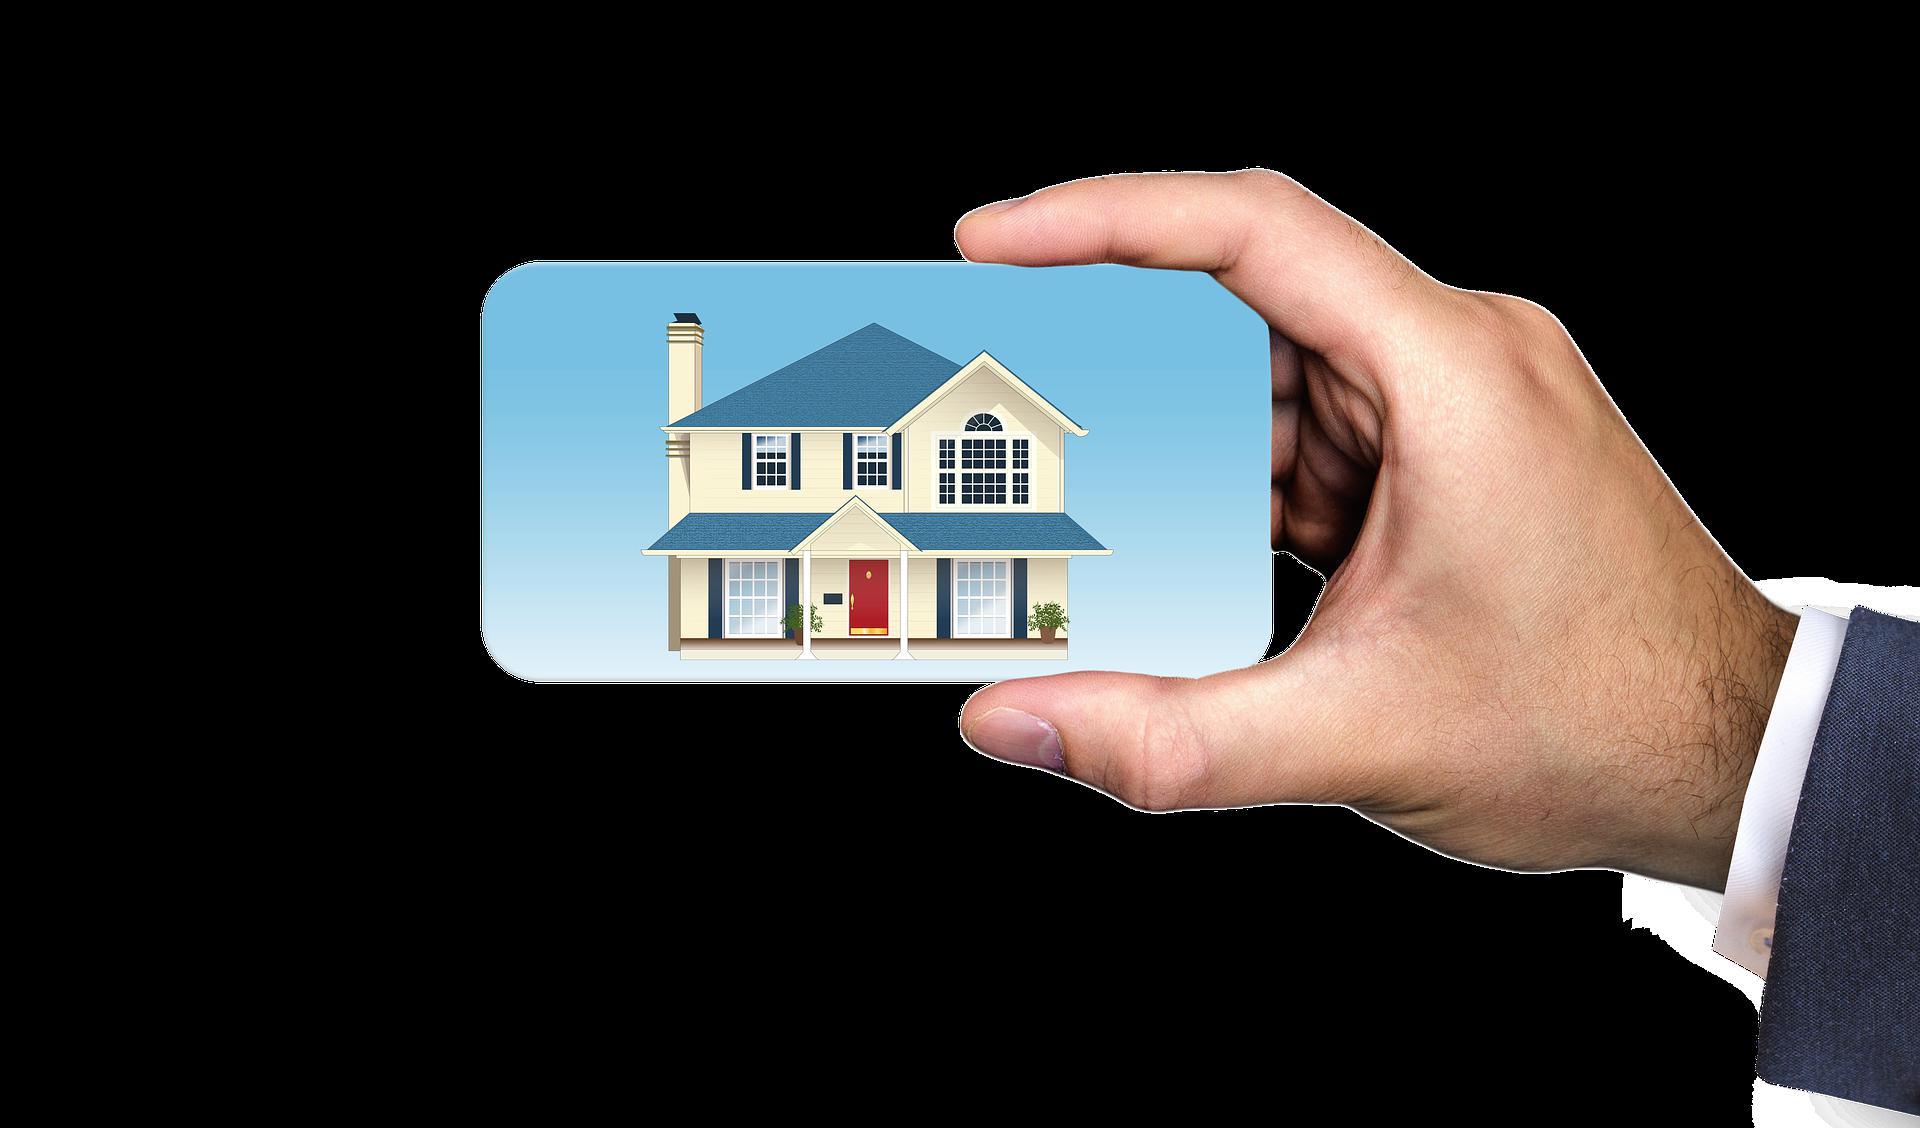 Утверждена плата за предоставление сведений из реестра прав на недвижимость